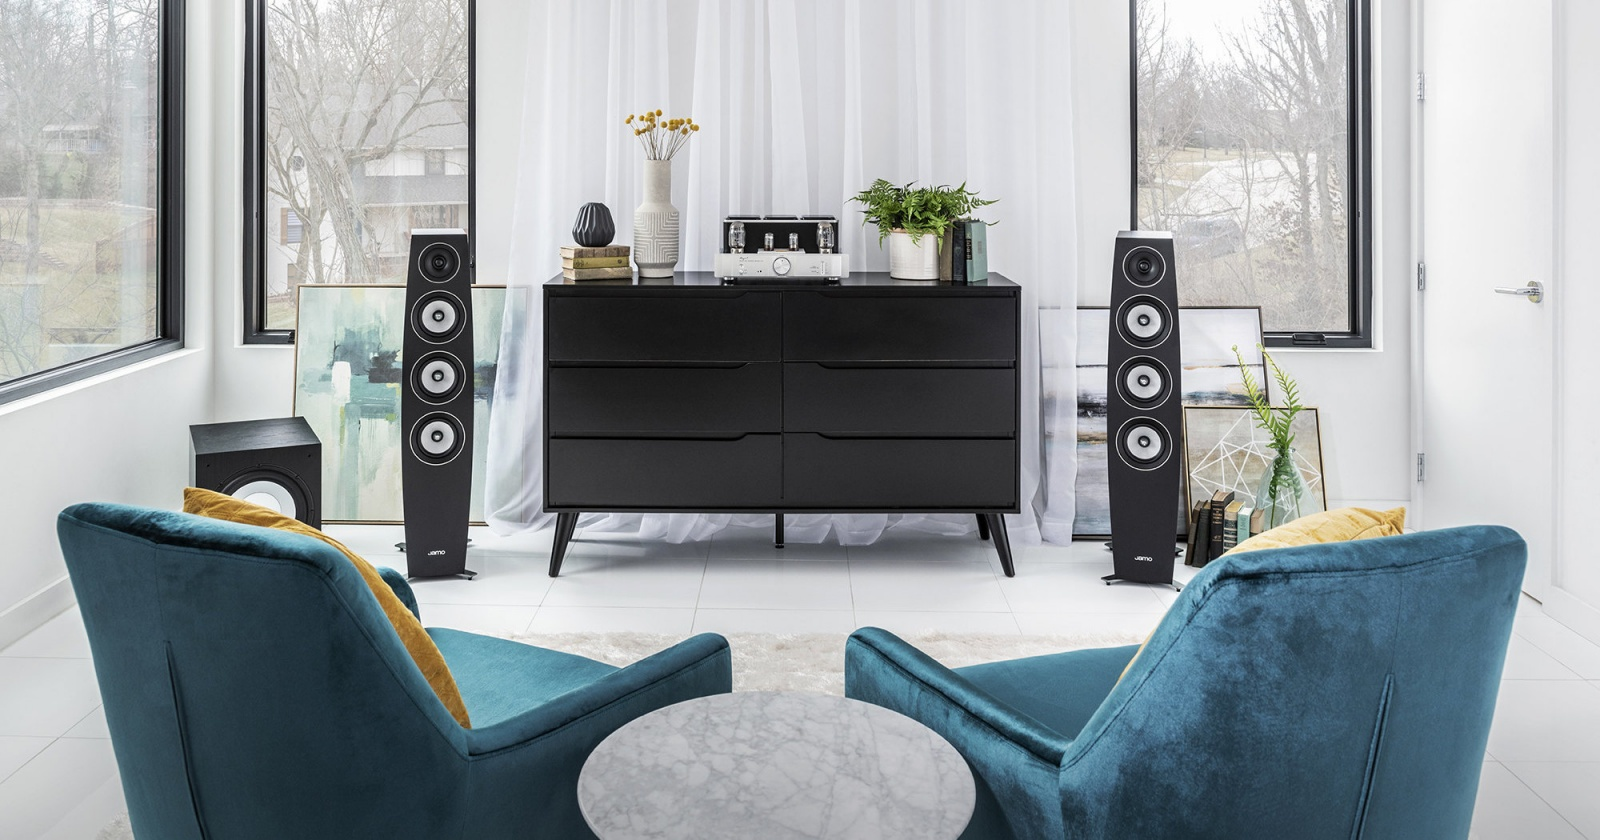 Услада для ушей: как выбрать домашнюю акустическую систему